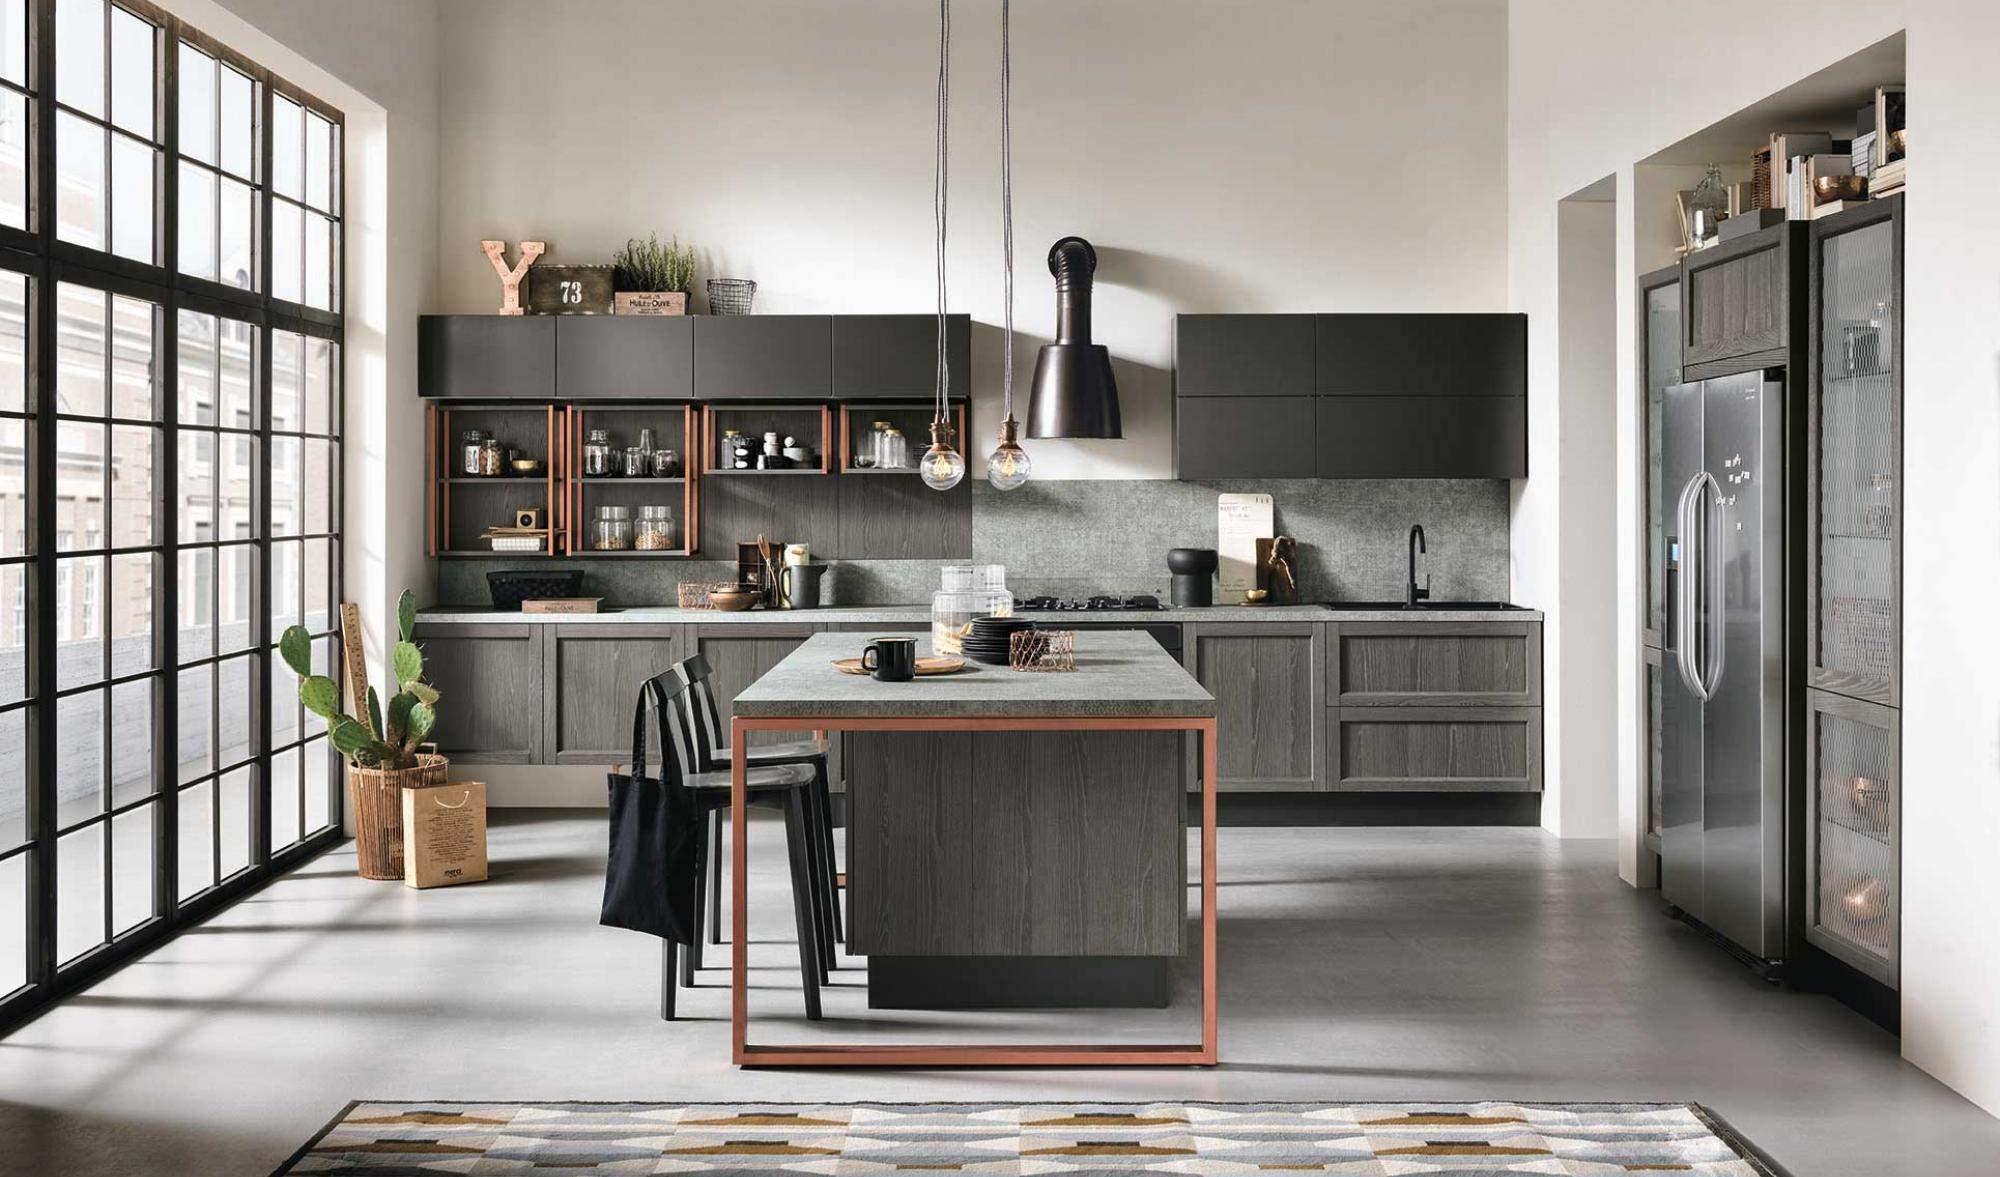 Cucina artec teti arredamenti teti arredamenti - Cucine urban style ...